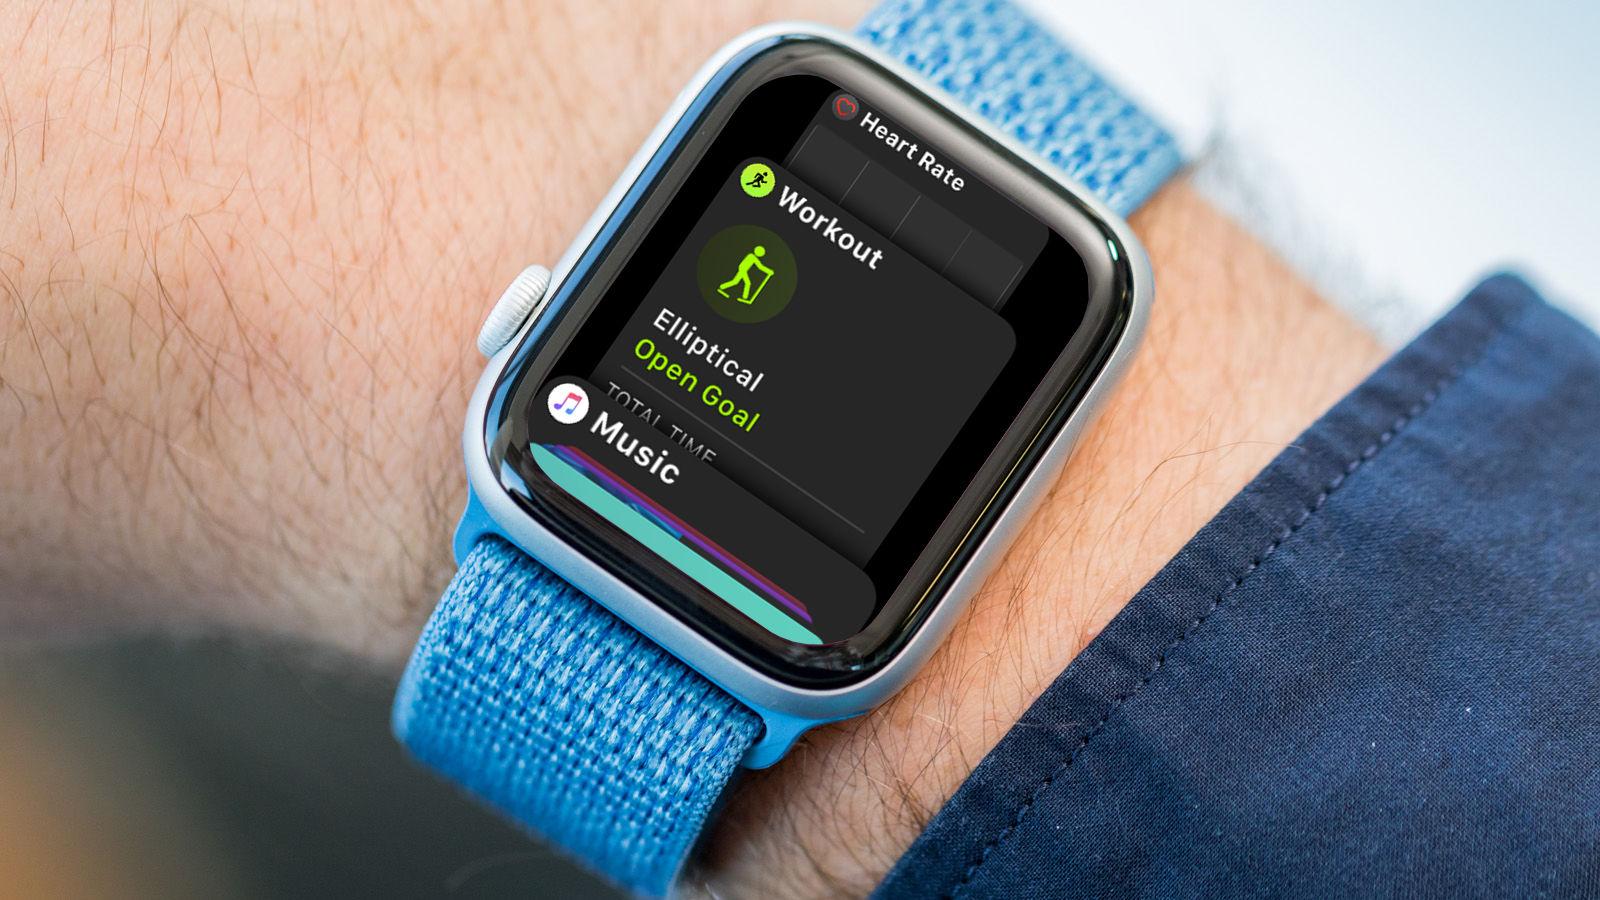 How to set up Apple Watch: App dock